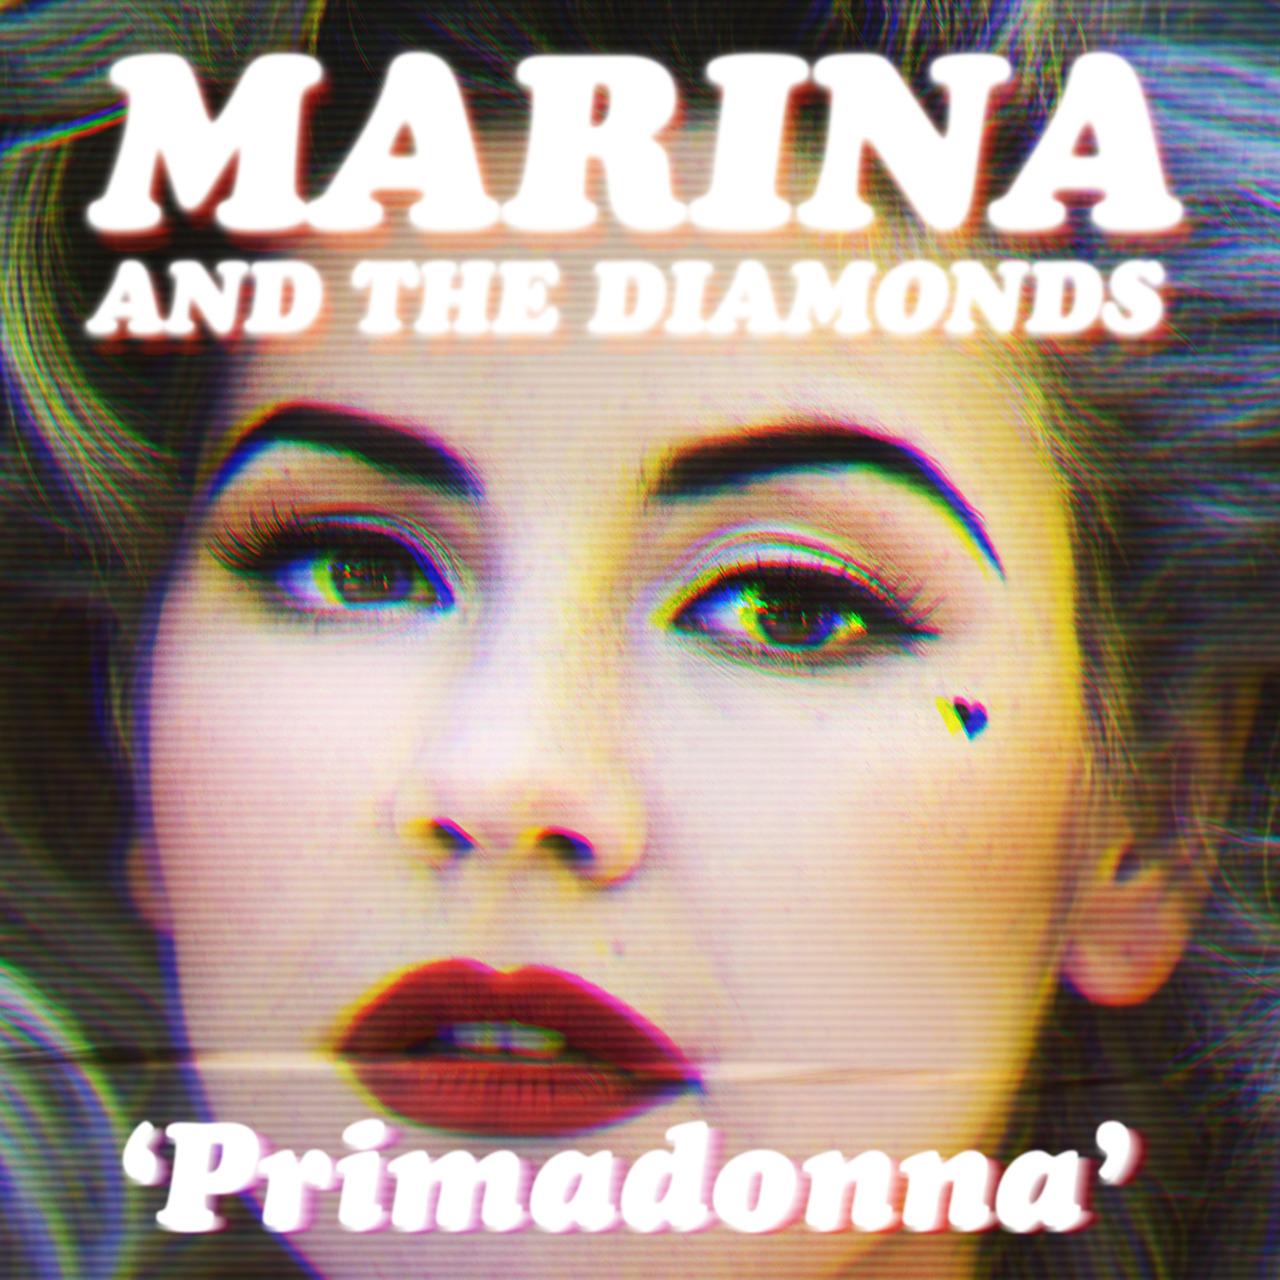 http://3.bp.blogspot.com/-qb0BlfVPFNE/T15BVL-857I/AAAAAAAAIOM/01w9u0LsPuY/s1600/Primadonna+-+Marina+and+the+Diamonds.jpg